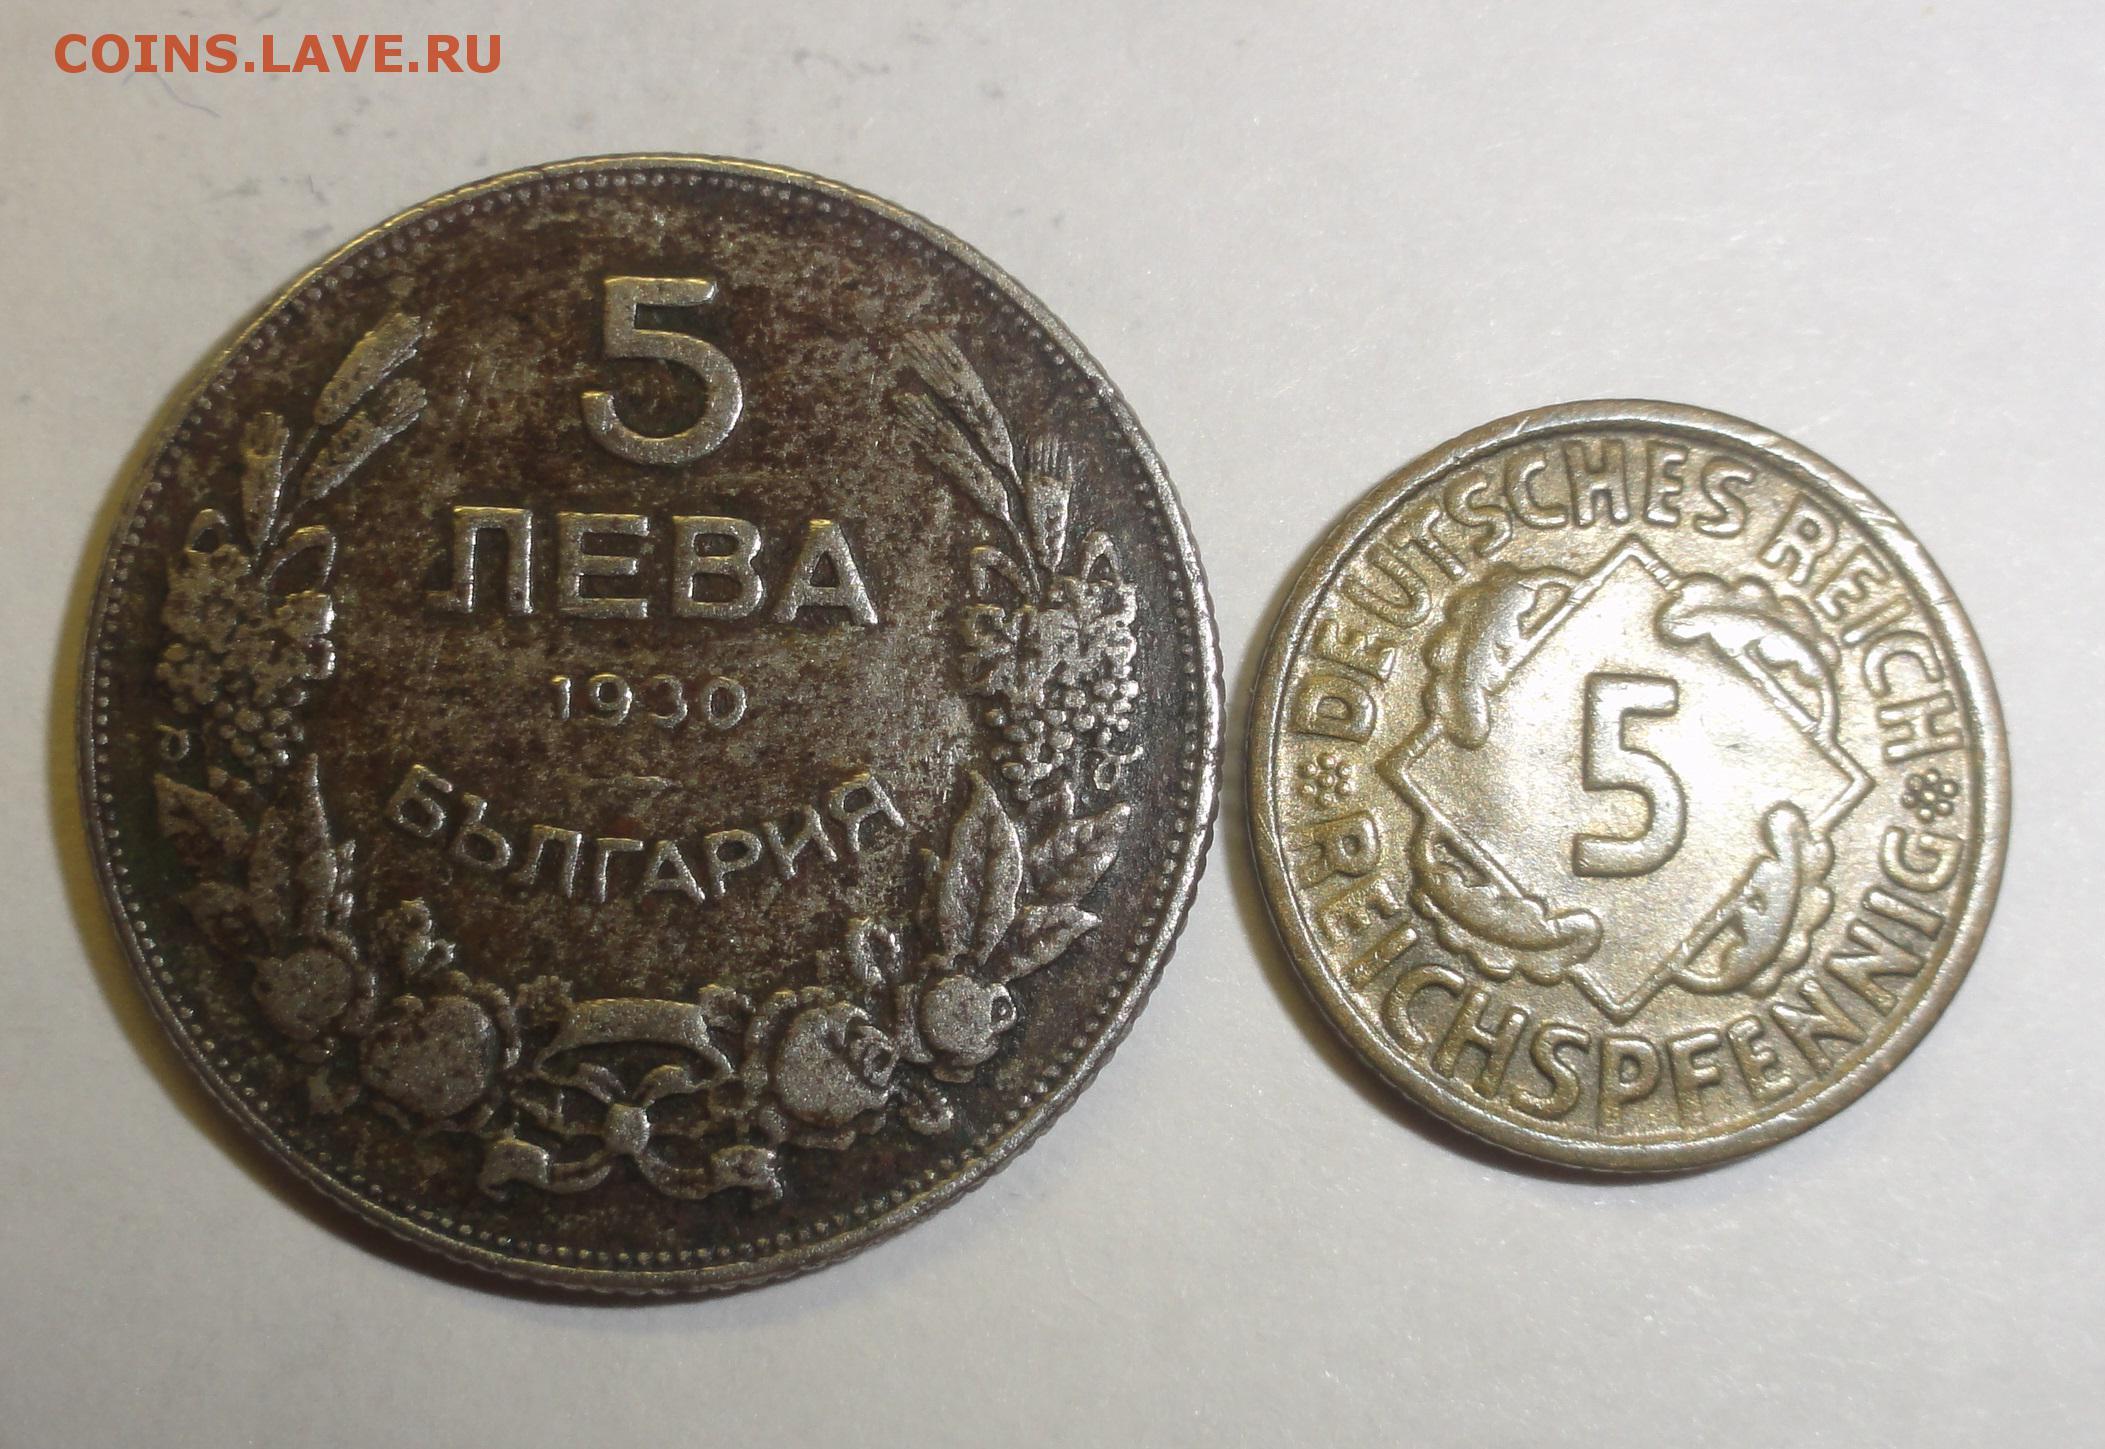 Монета с буквой е 10 тыс рублей в гривнах